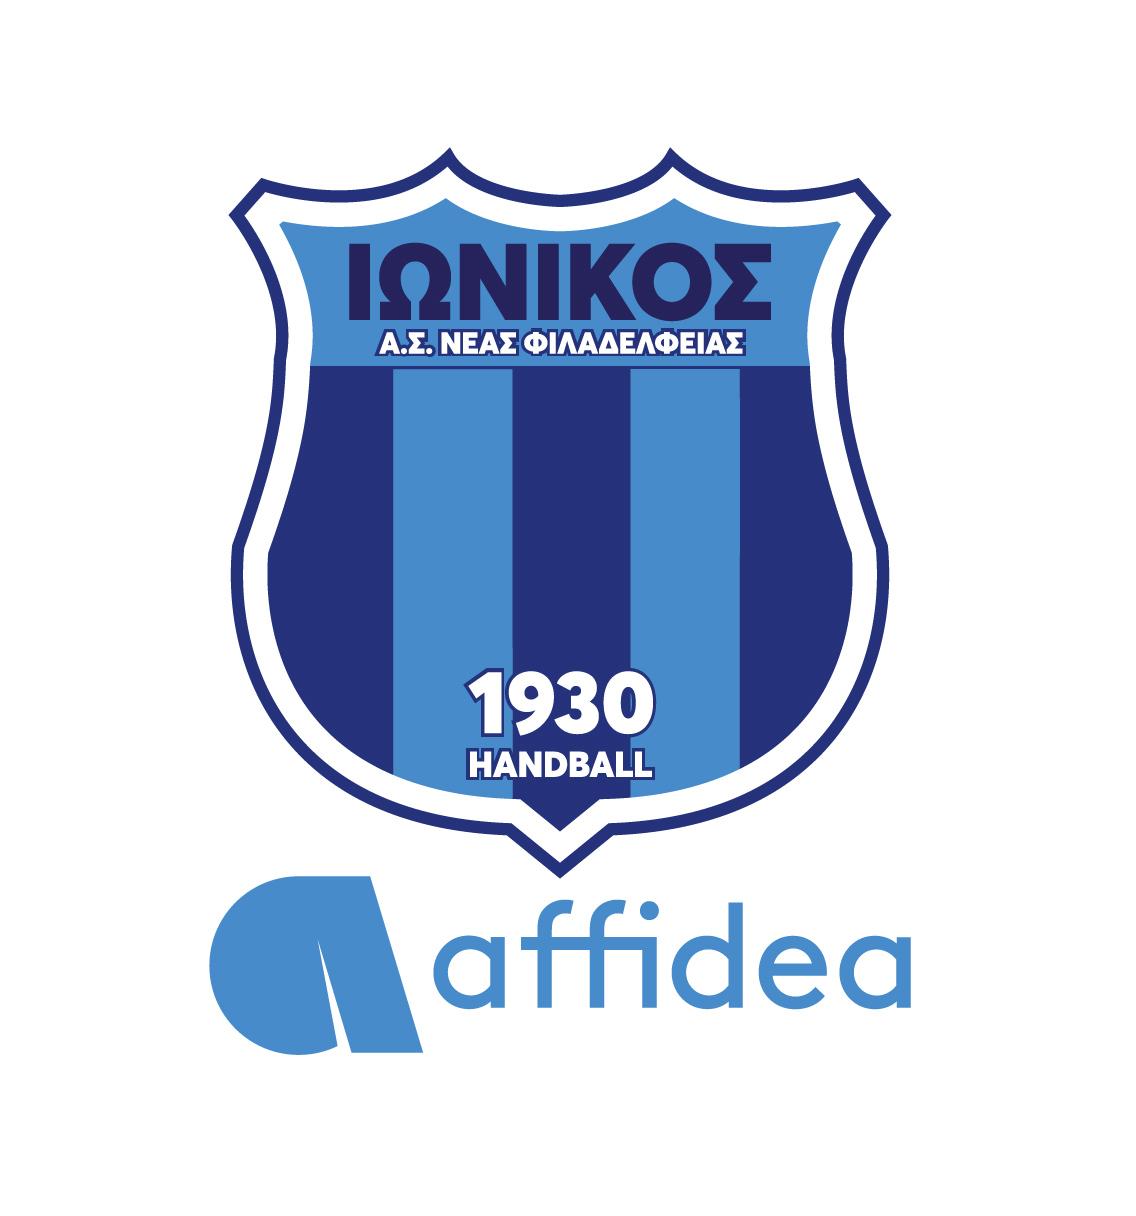 «Ιωνικός Ν.Φ. Affidea»: Ο όμιλος Affidea μεγάλος υποστηρικτής της ομάδας στο χαντμπολ